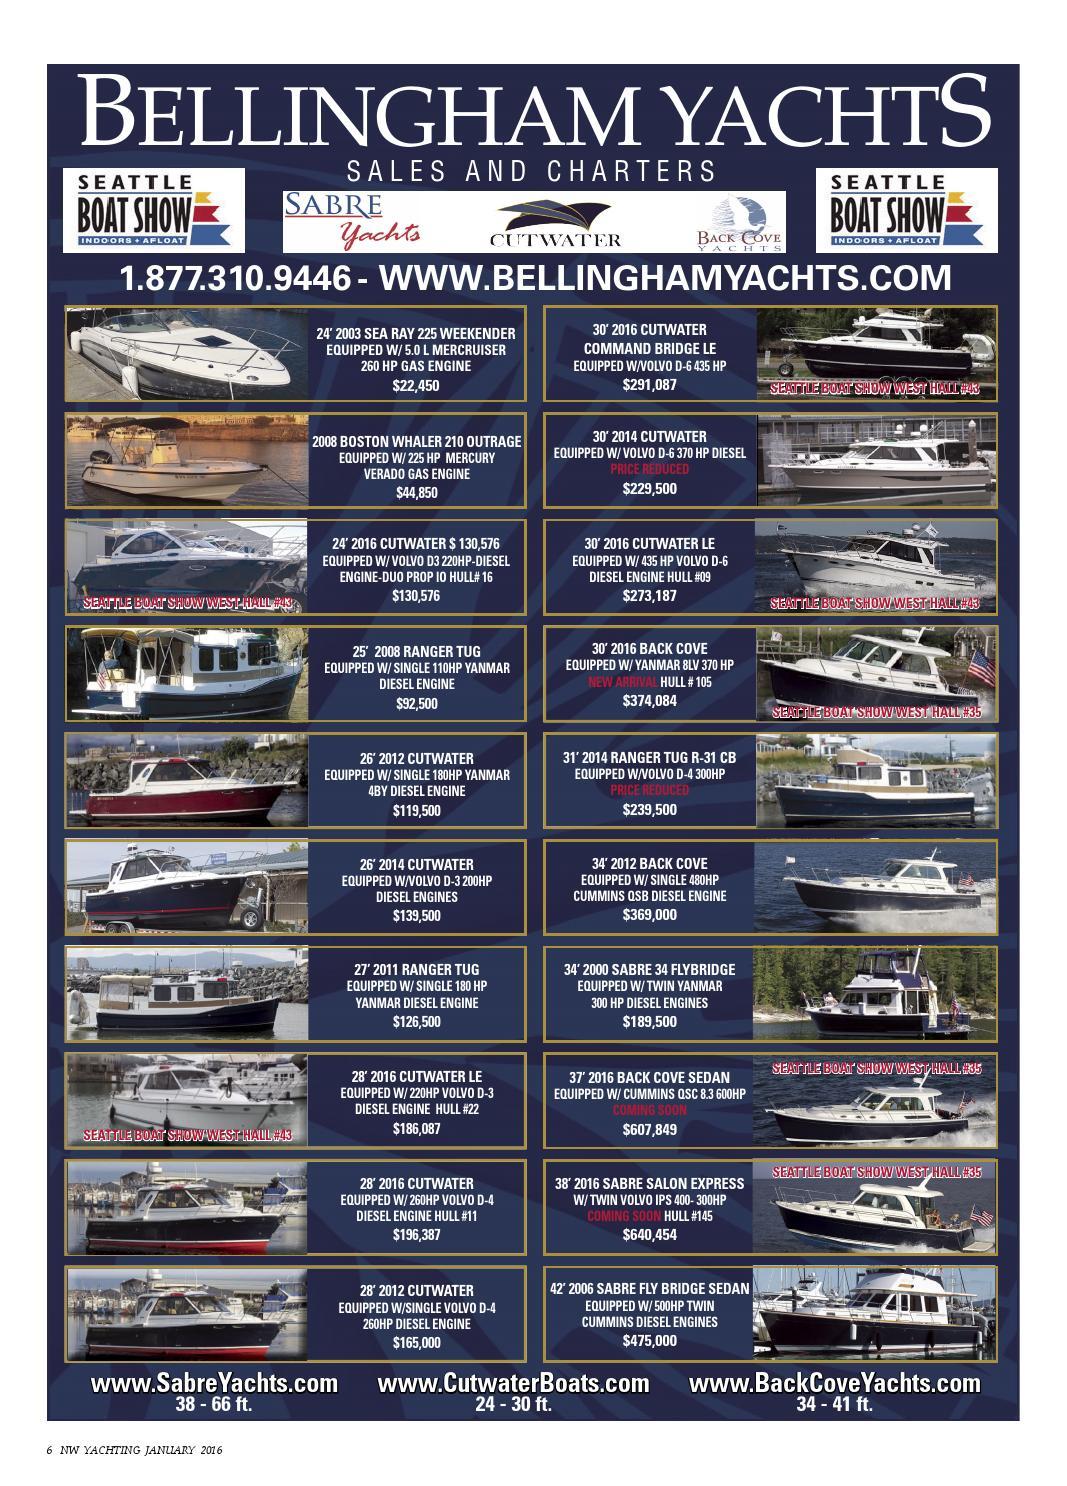 Northwest Yachting January 2016 by Northwest Yachting - issuu